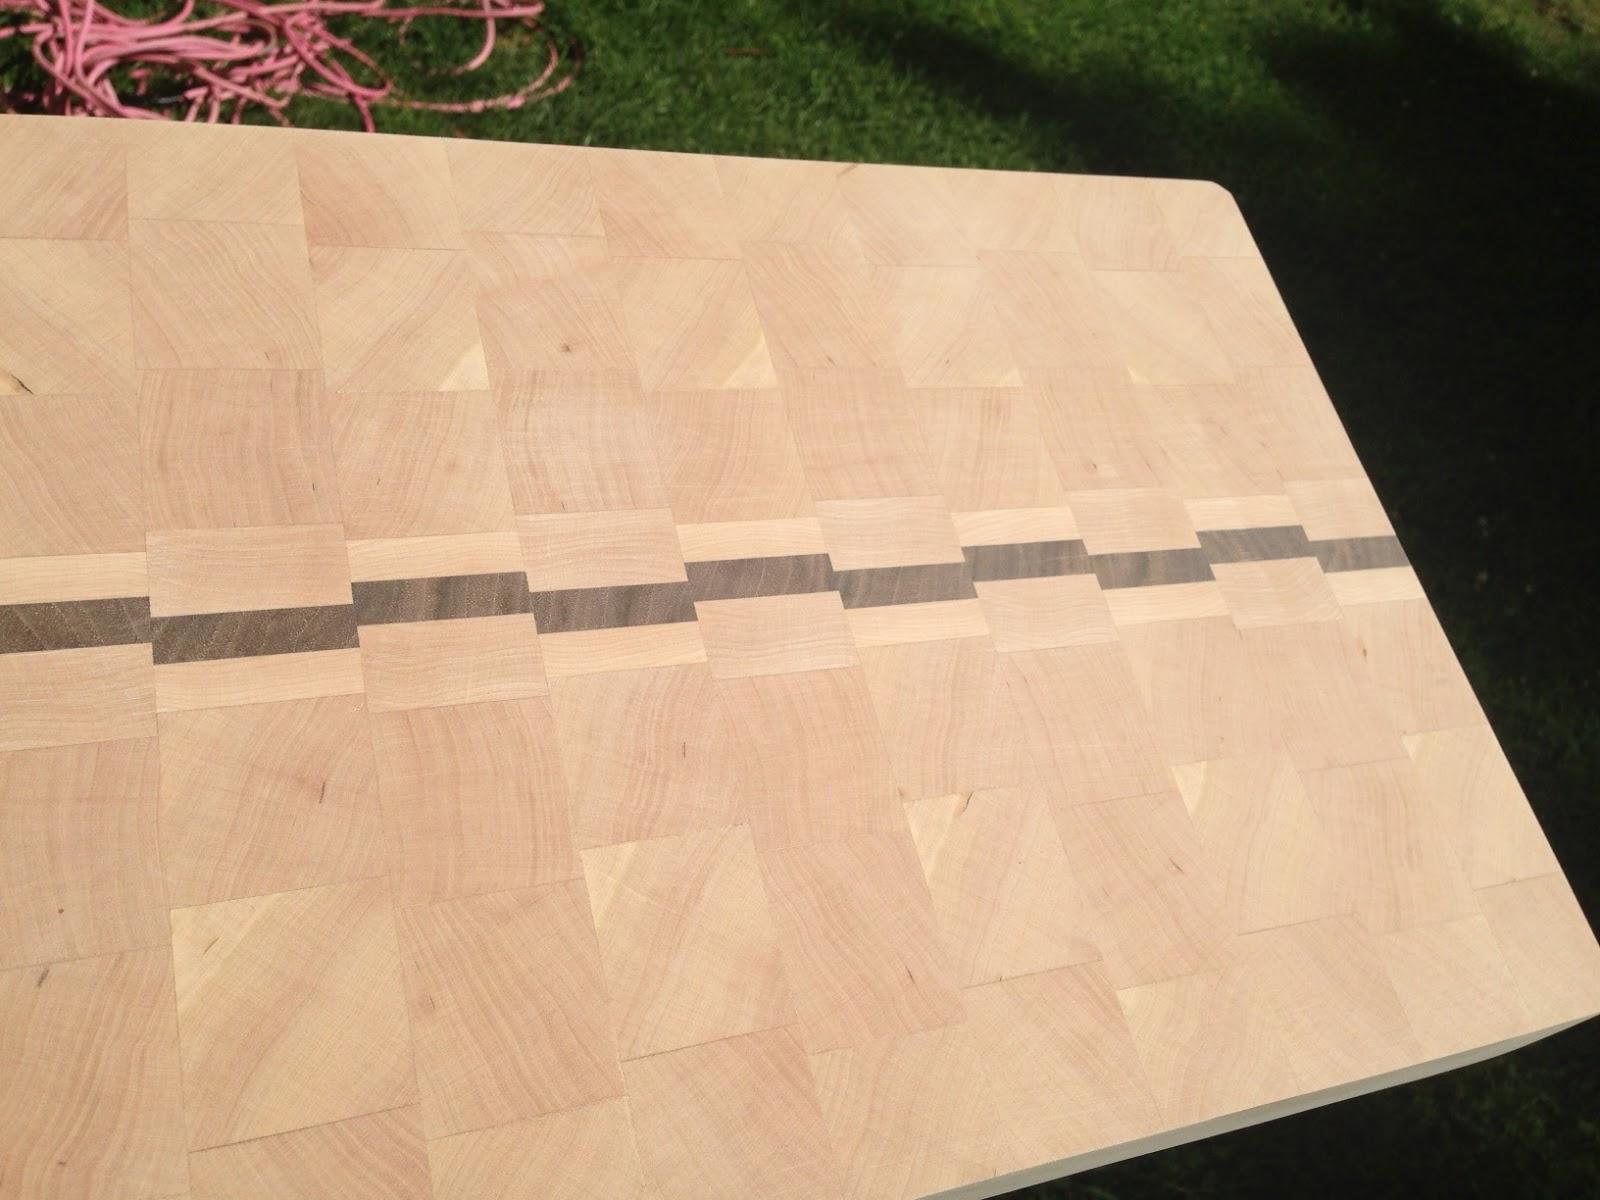 Wyman Woodworking